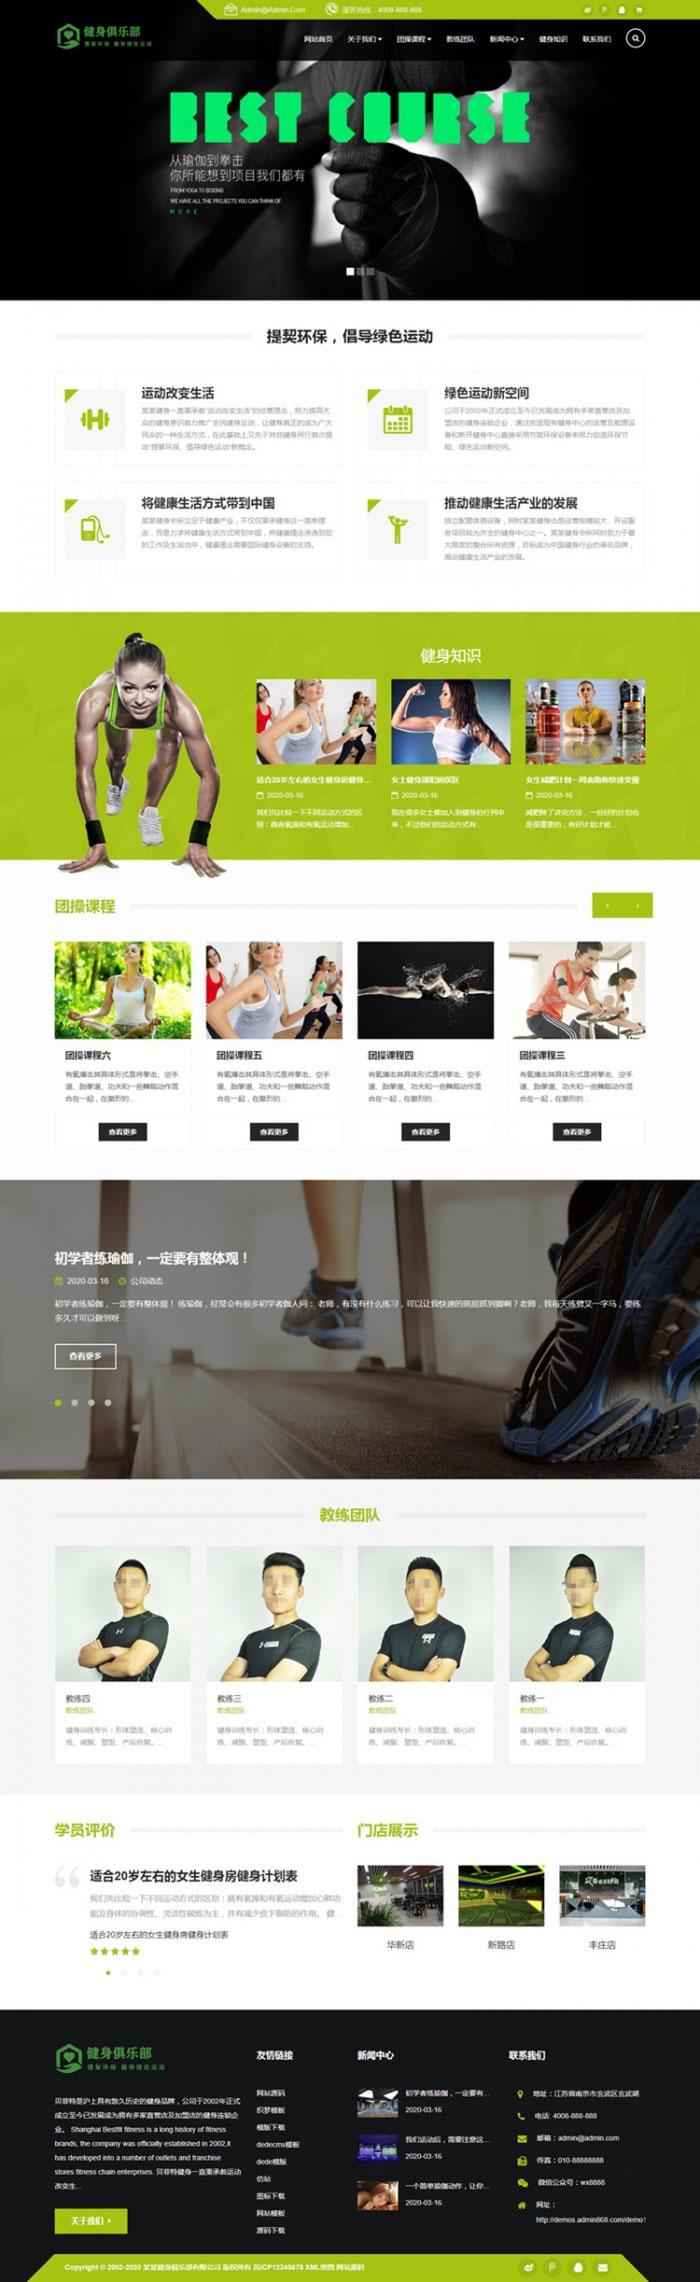 织梦dedecms绿色响应式健身俱乐部企业网站模板